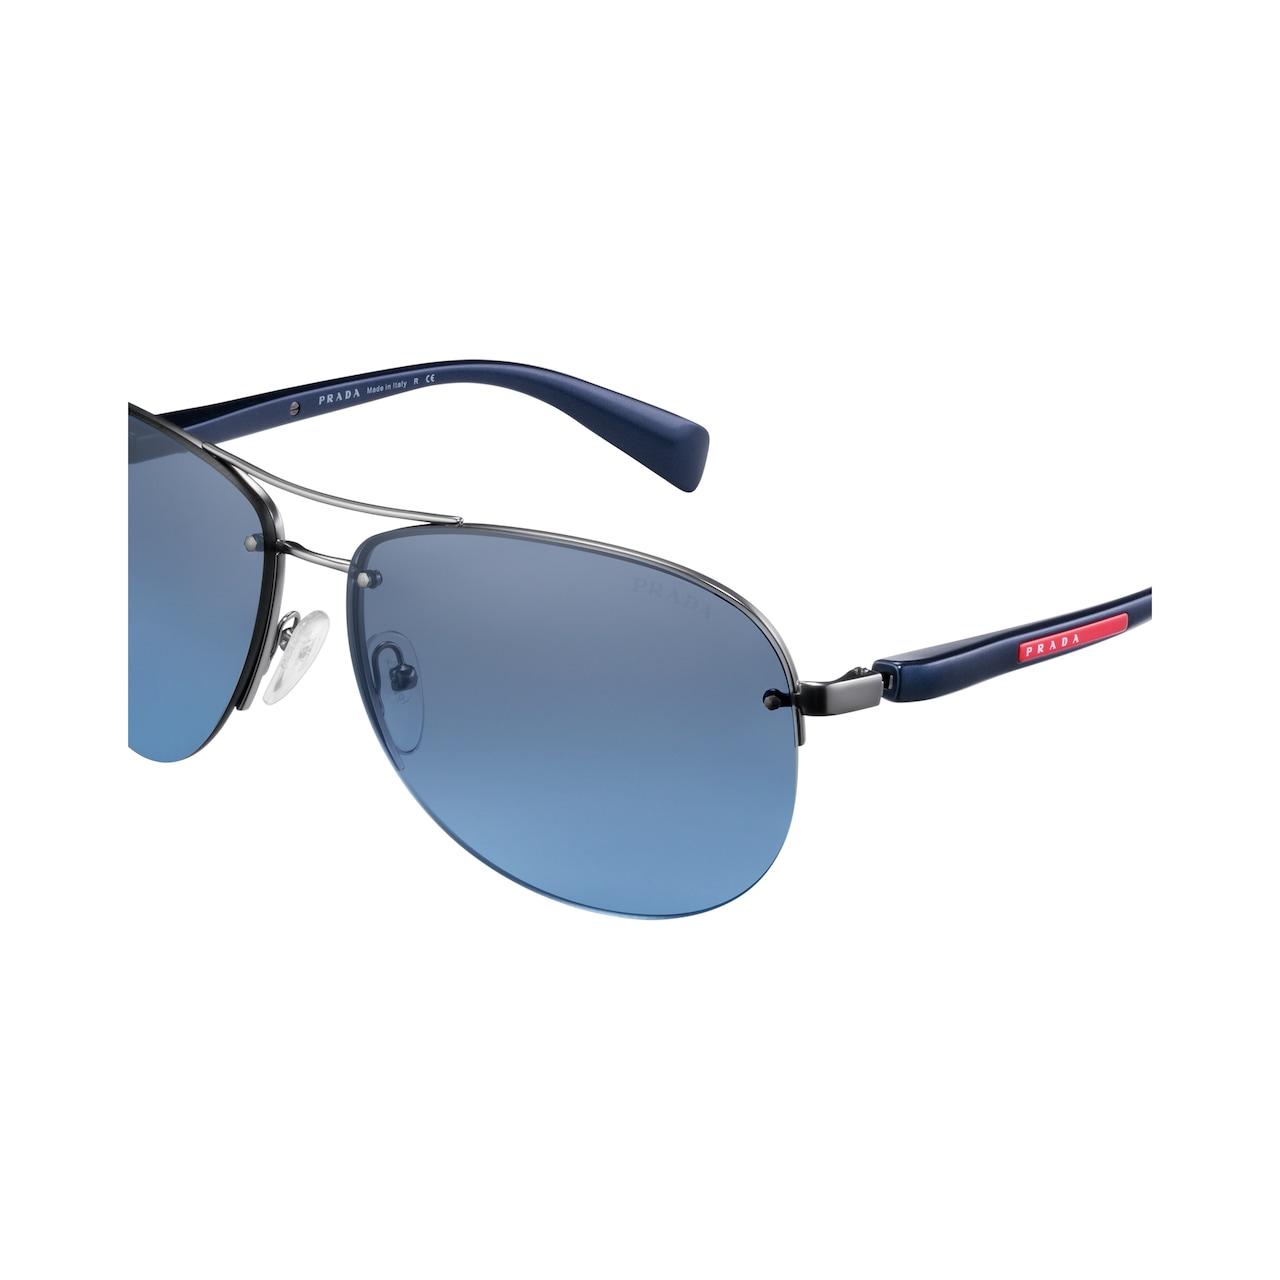 Prada Prada Linea Rossa 眼镜系列 4